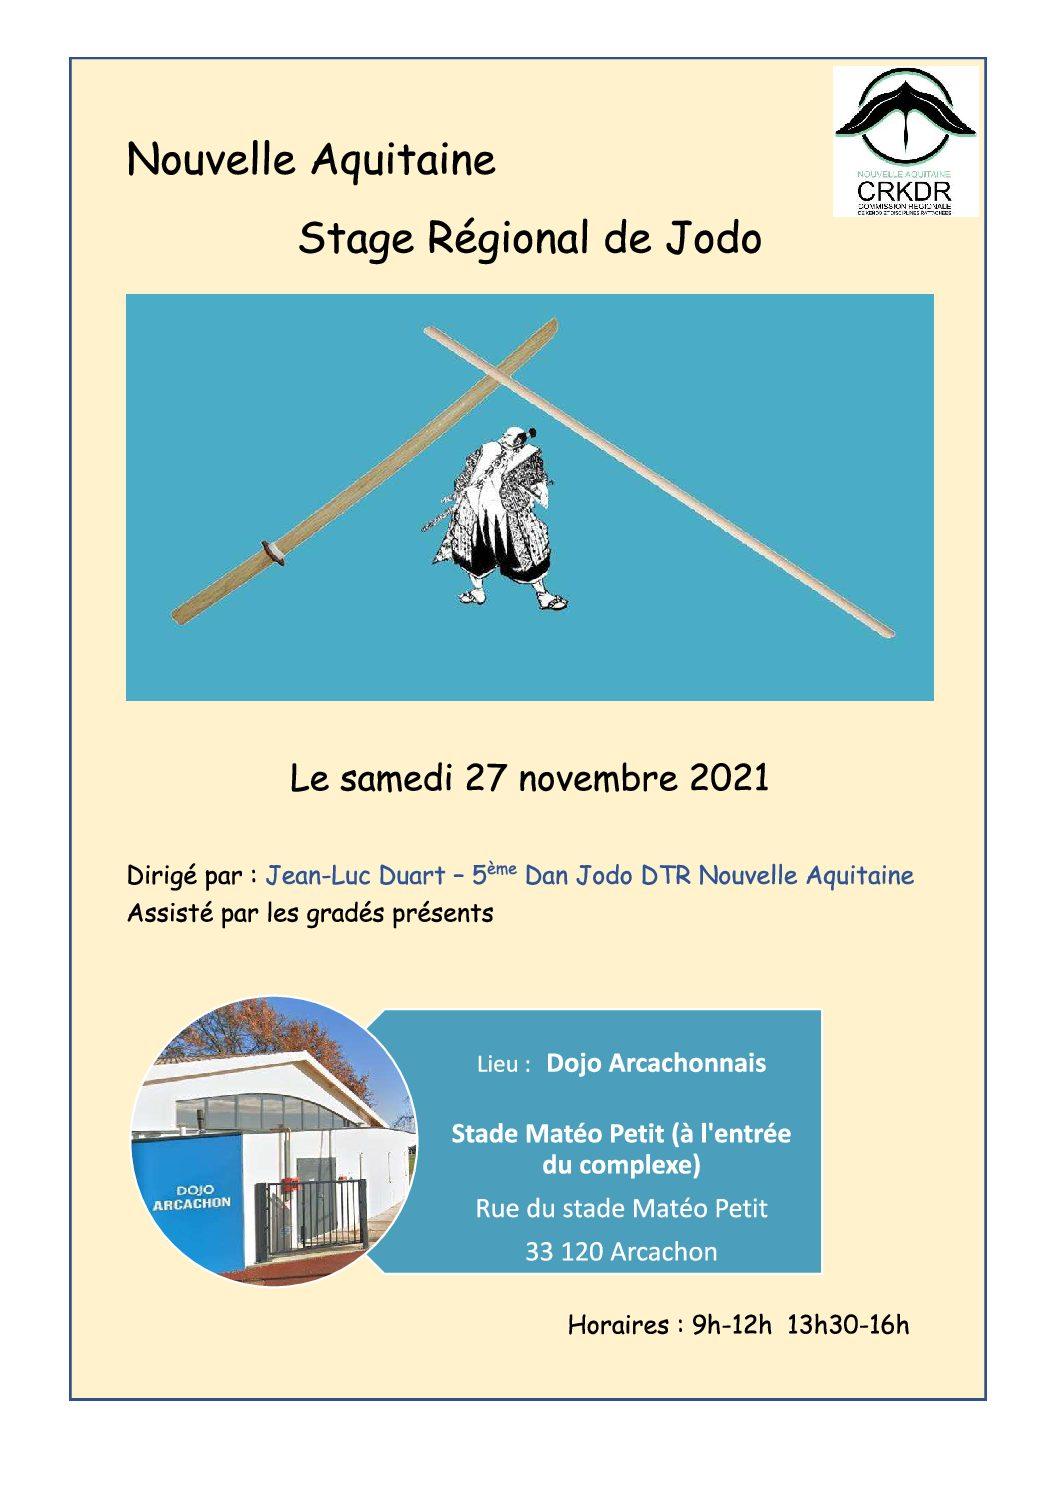 Stage Régional de Jodo à Arcachon (27 novembre)